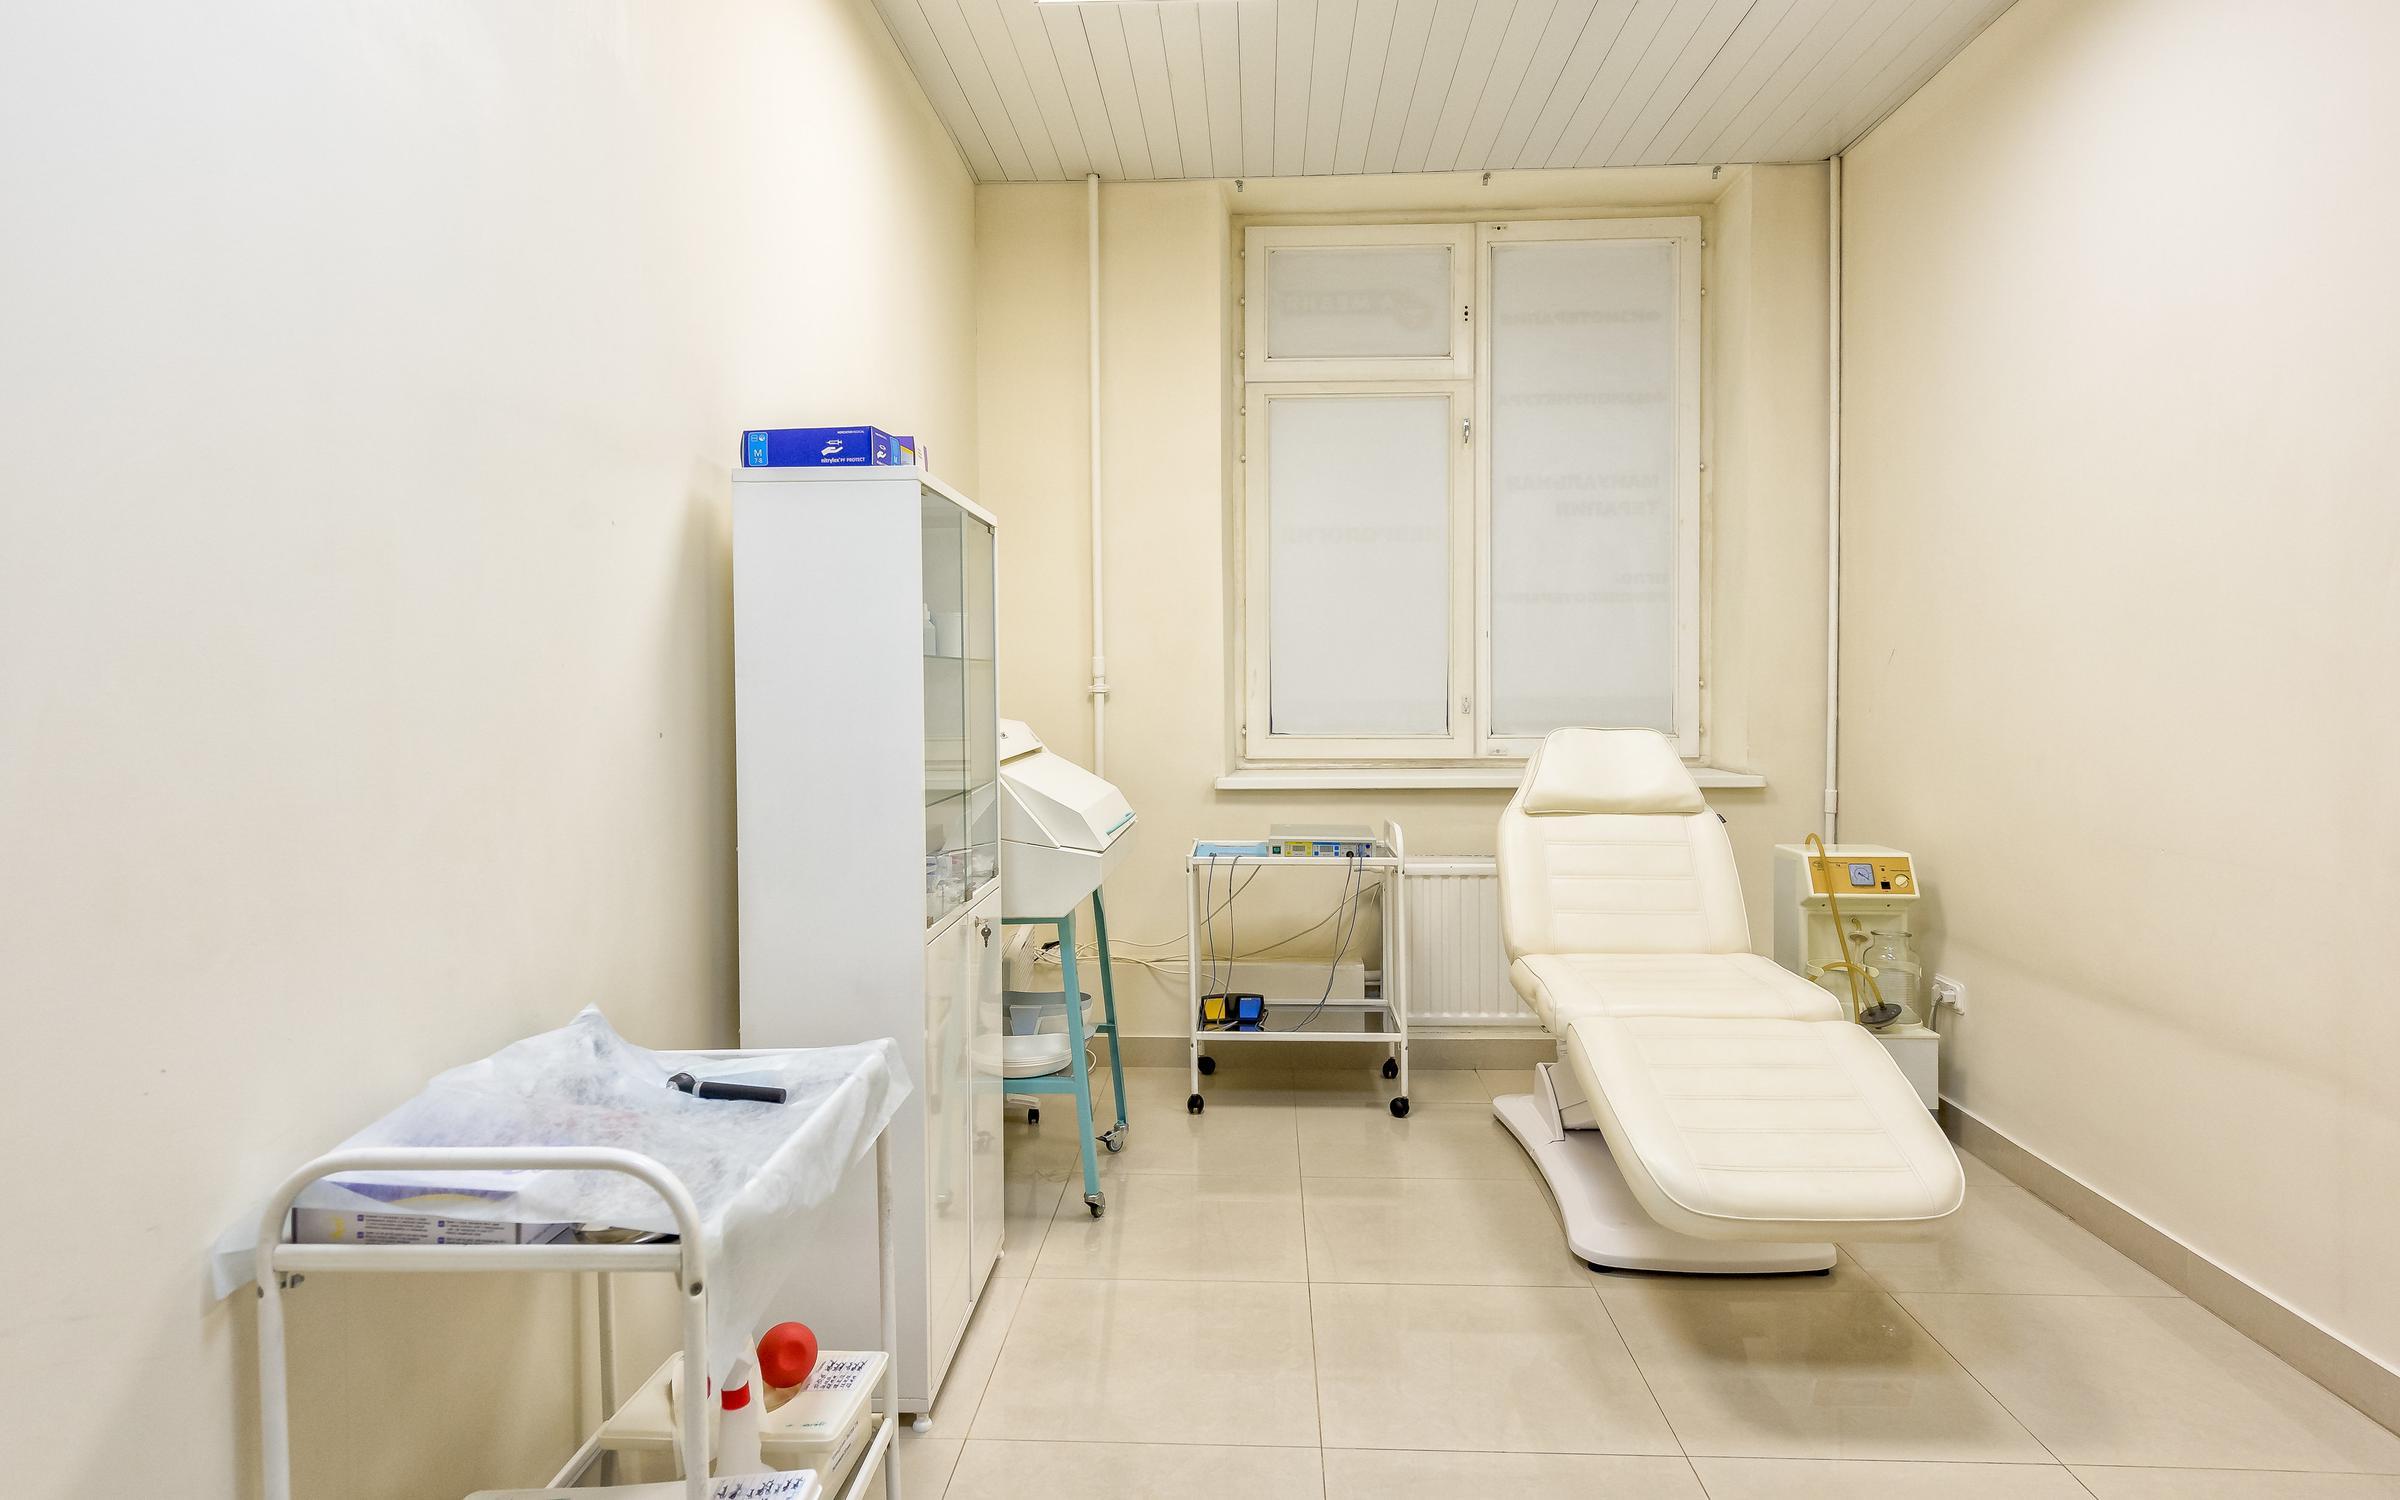 должностная инструкция на медсестру кабинета узи